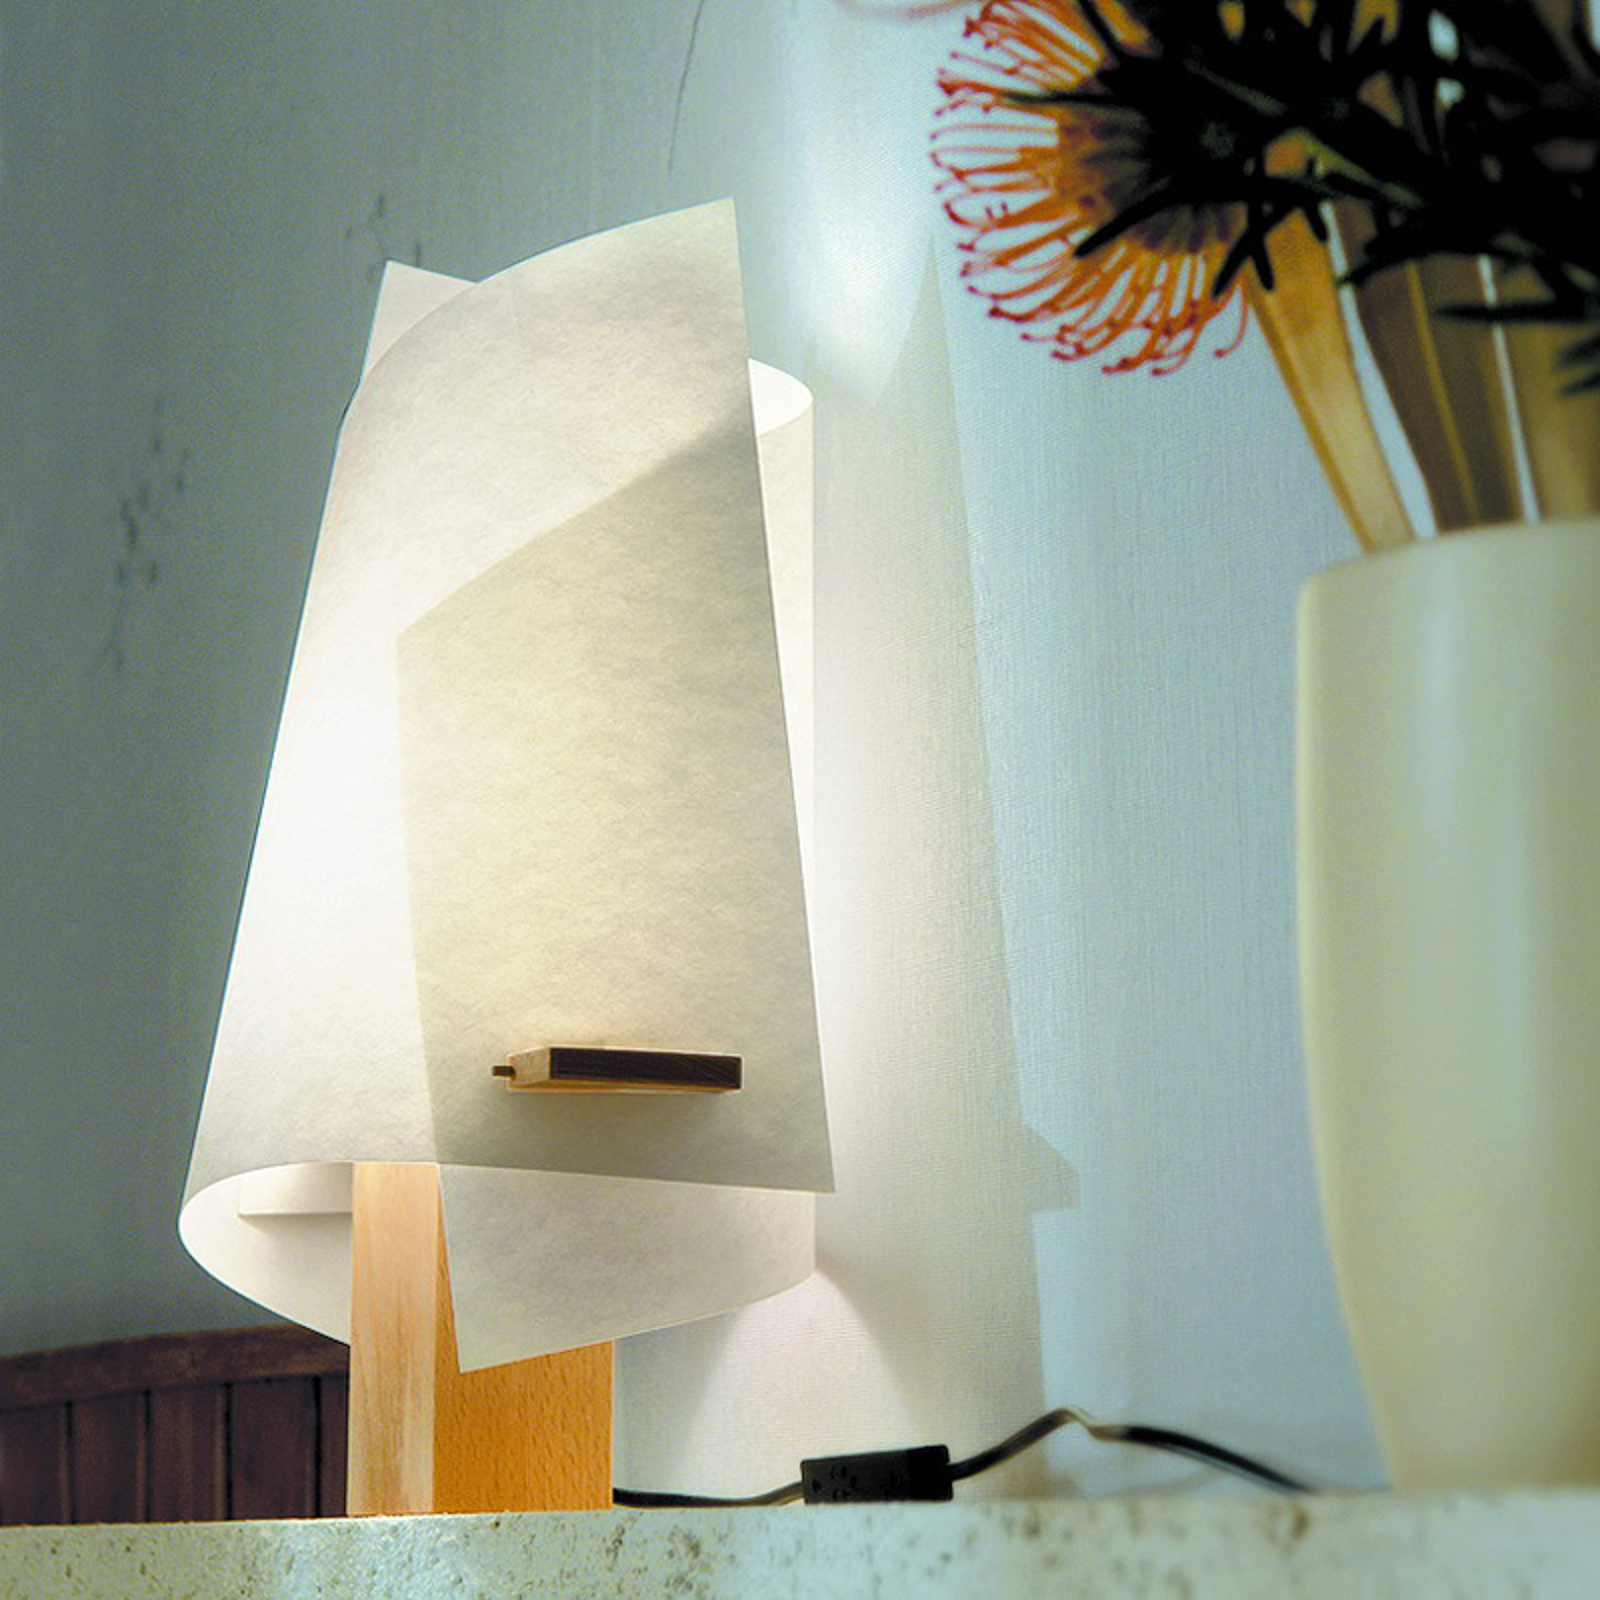 Designer tafellamp PLAN B, beuken